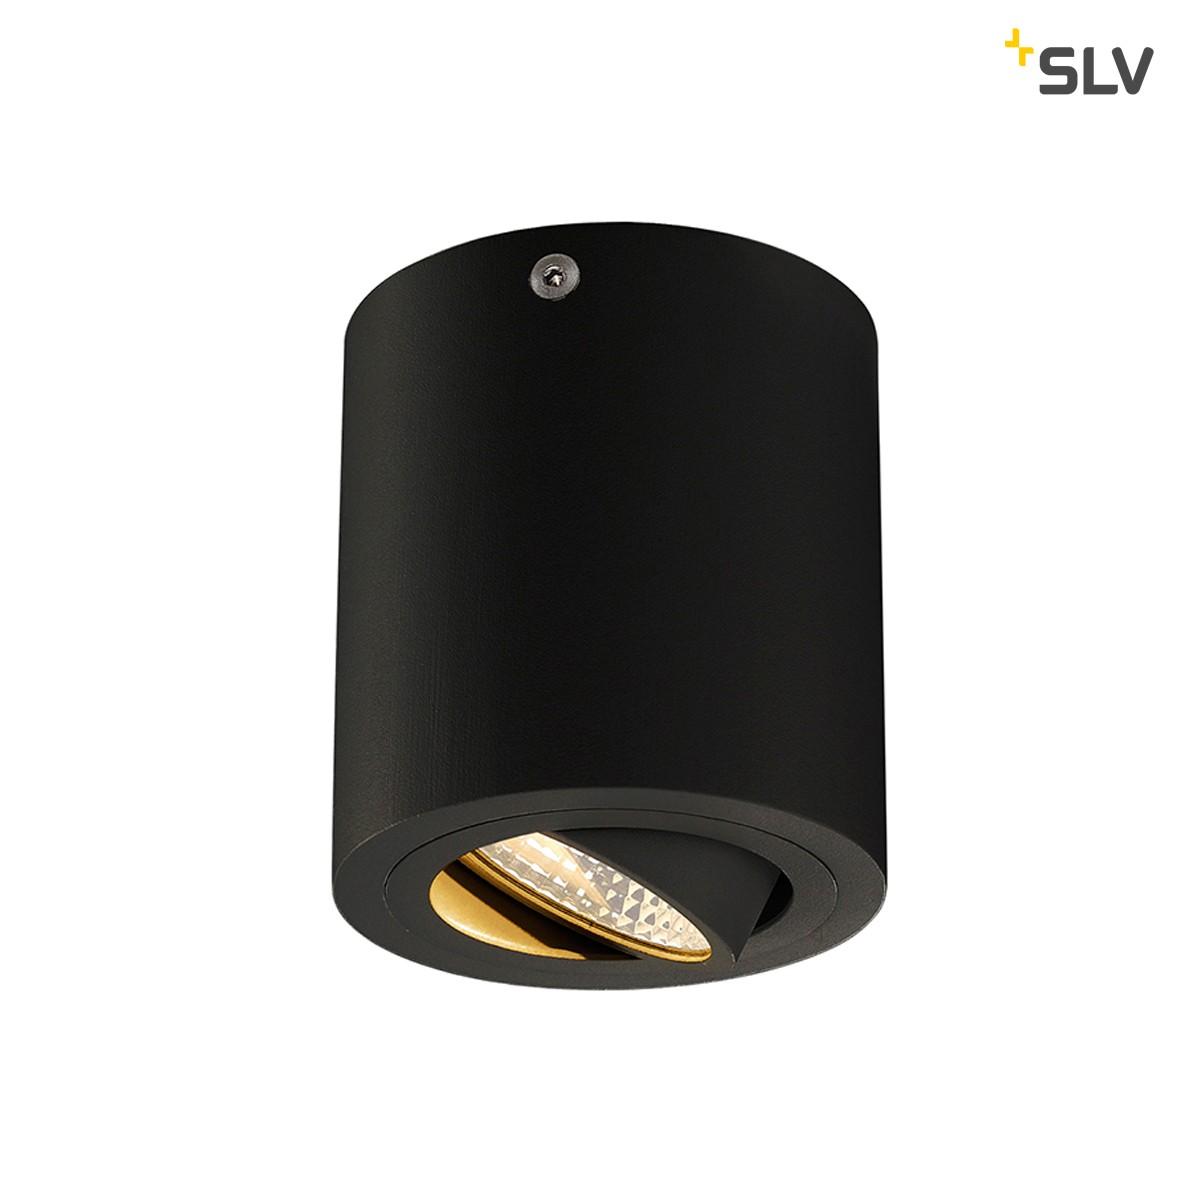 SLV Triledo Round Deckenleuchte, schwarz matt